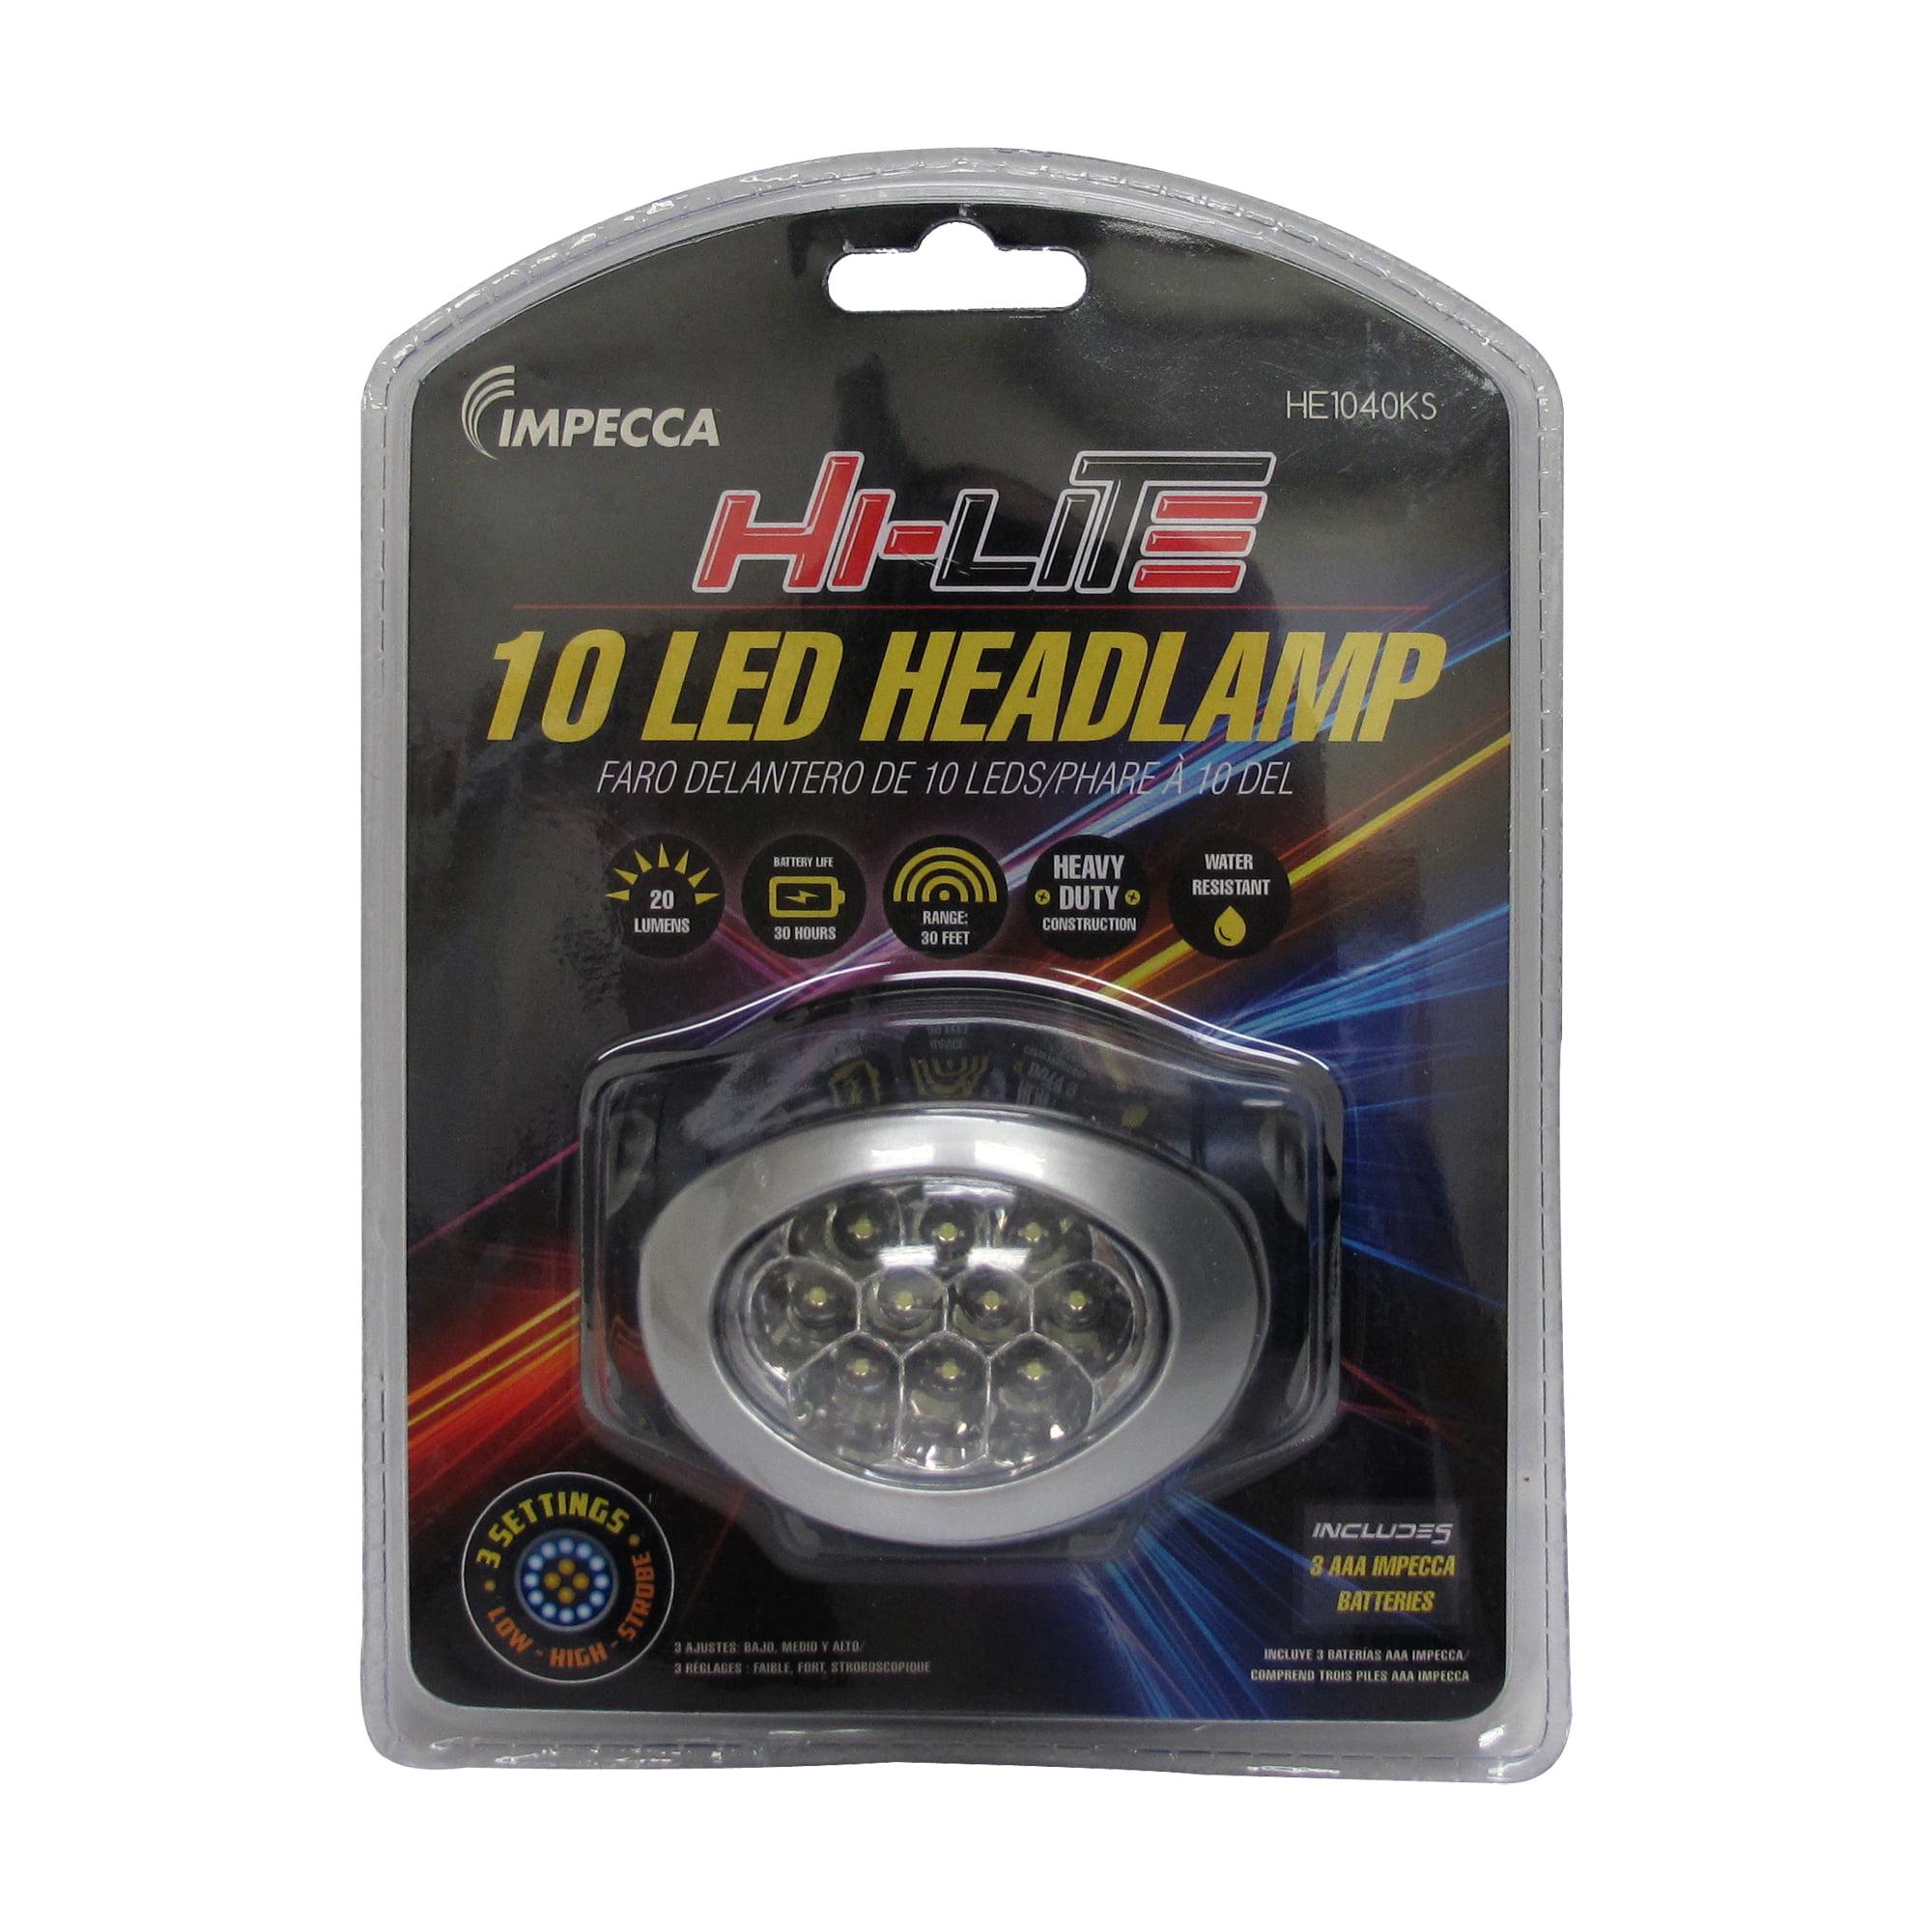 Impecca HE1040KS Hi-lite 10-led Headlamp Black/silver